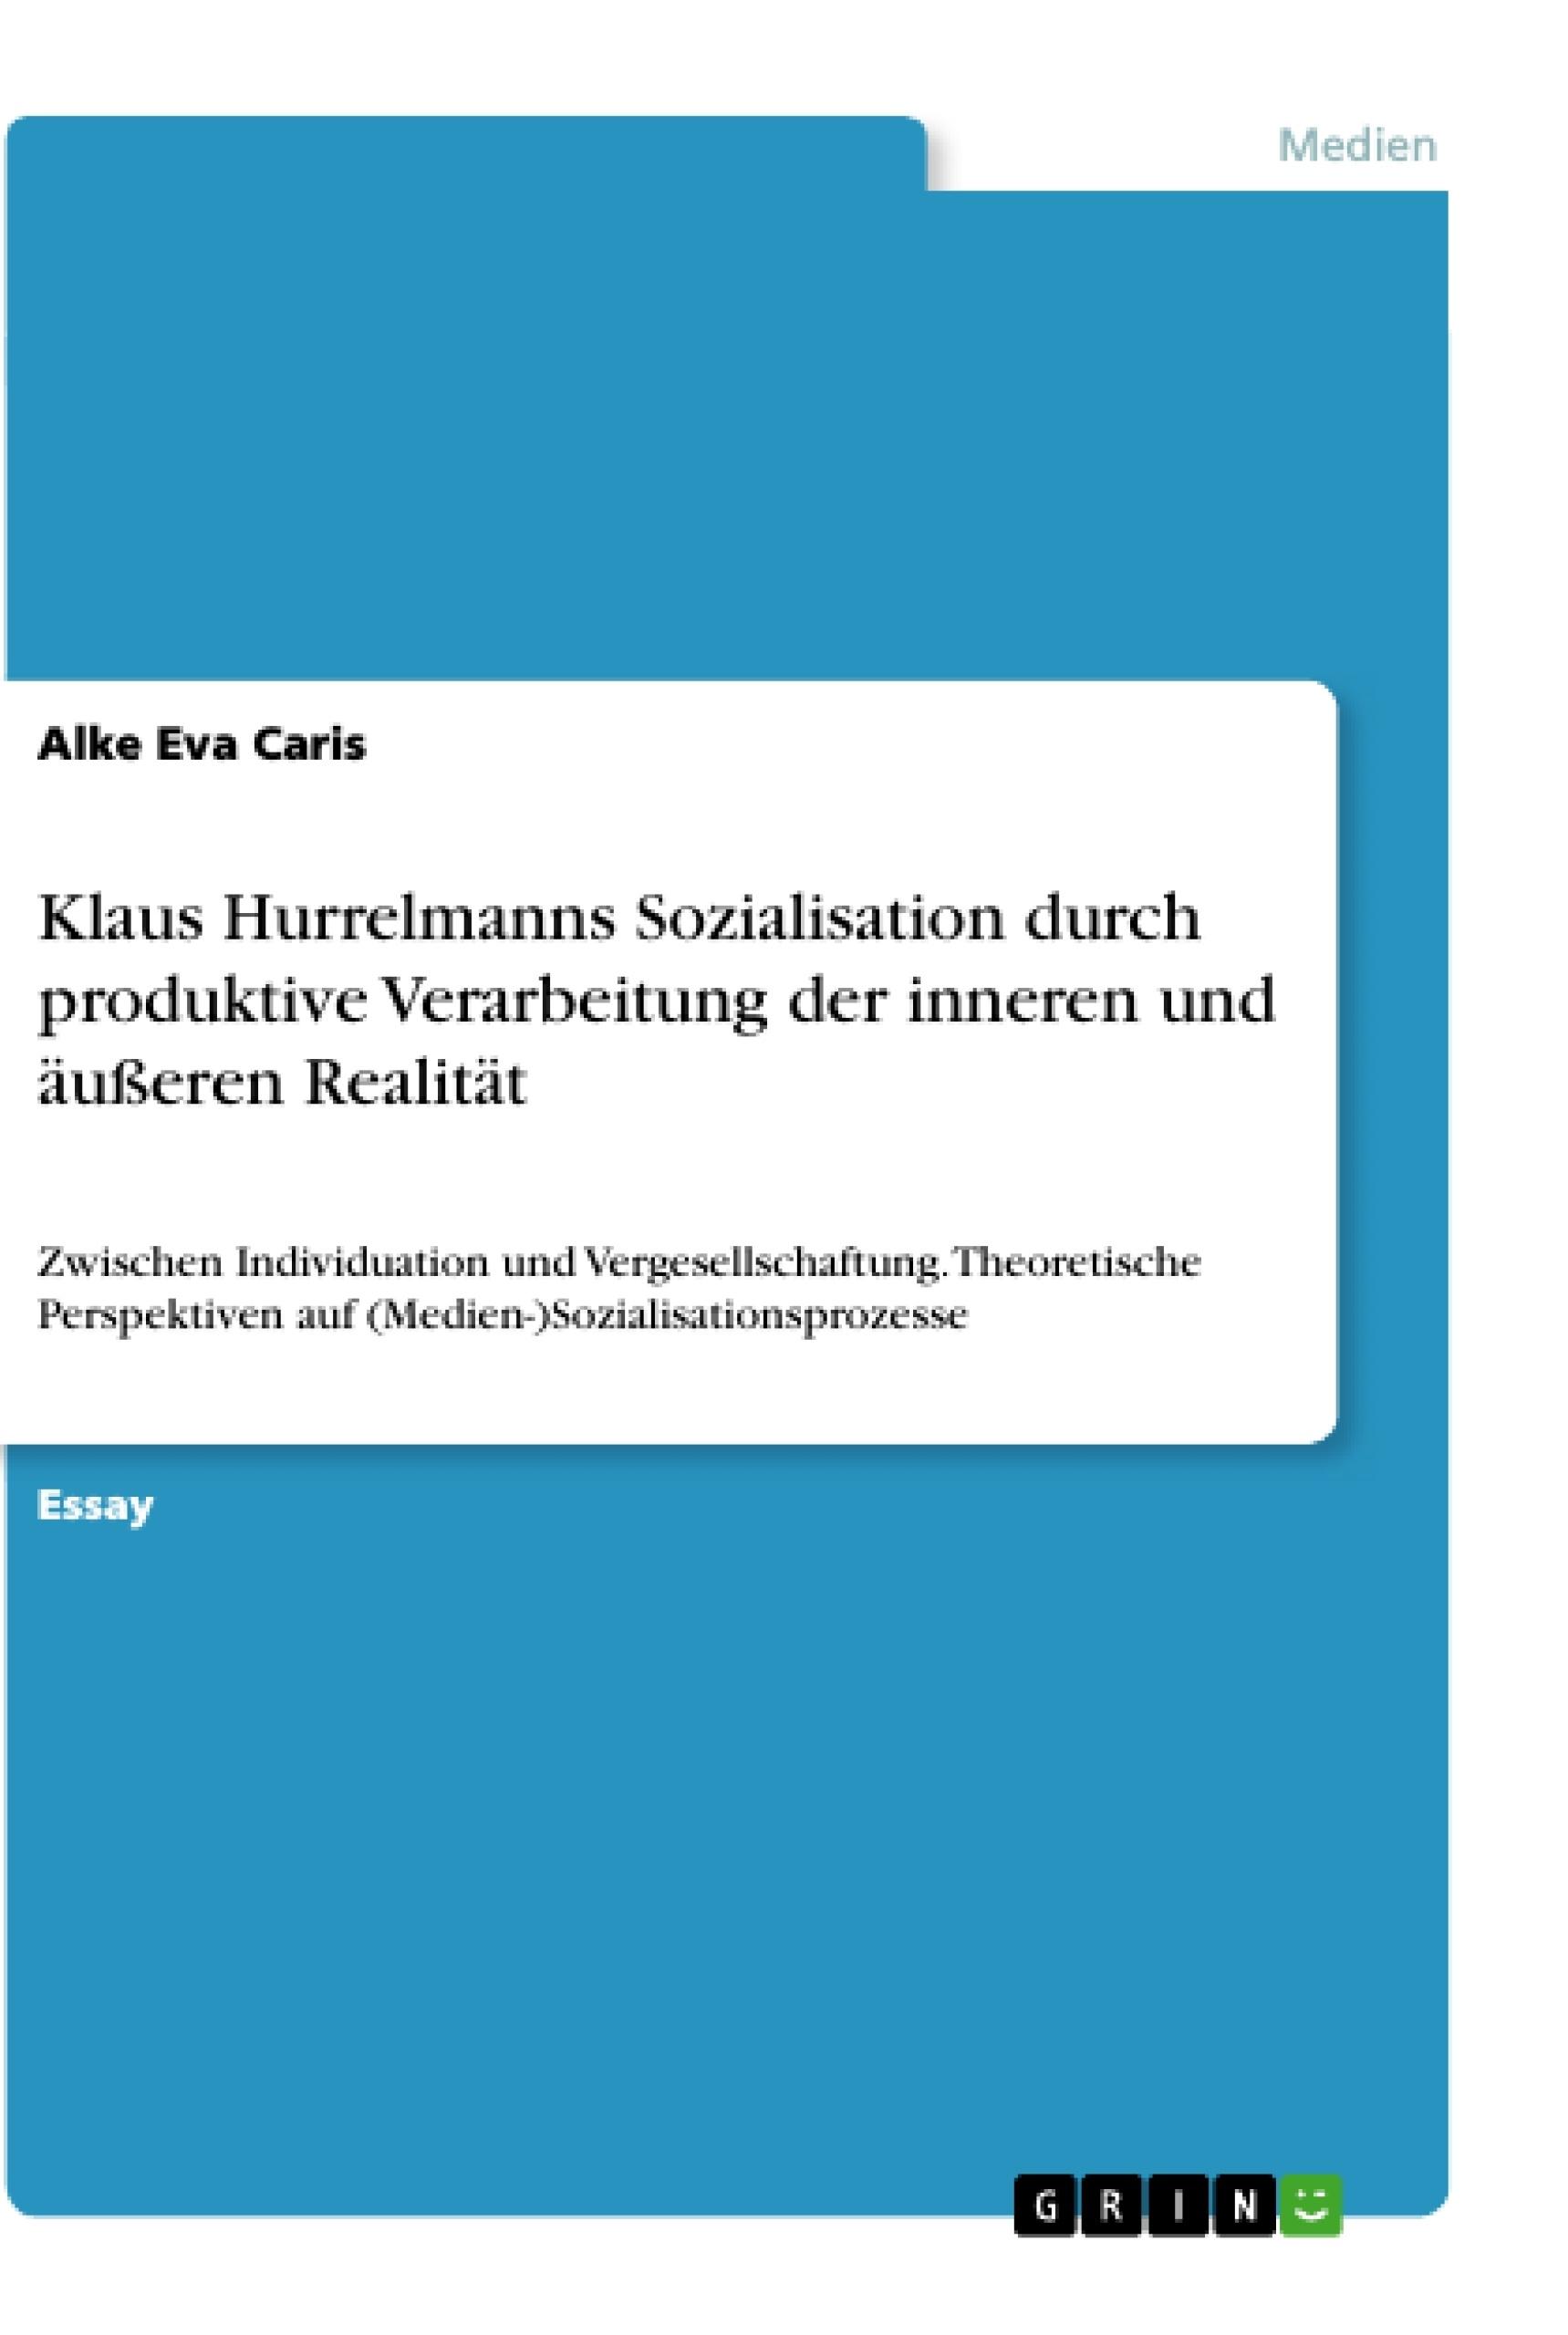 Titel: Klaus Hurrelmanns Sozialisation durch produktive Verarbeitung der inneren und äußeren Realität